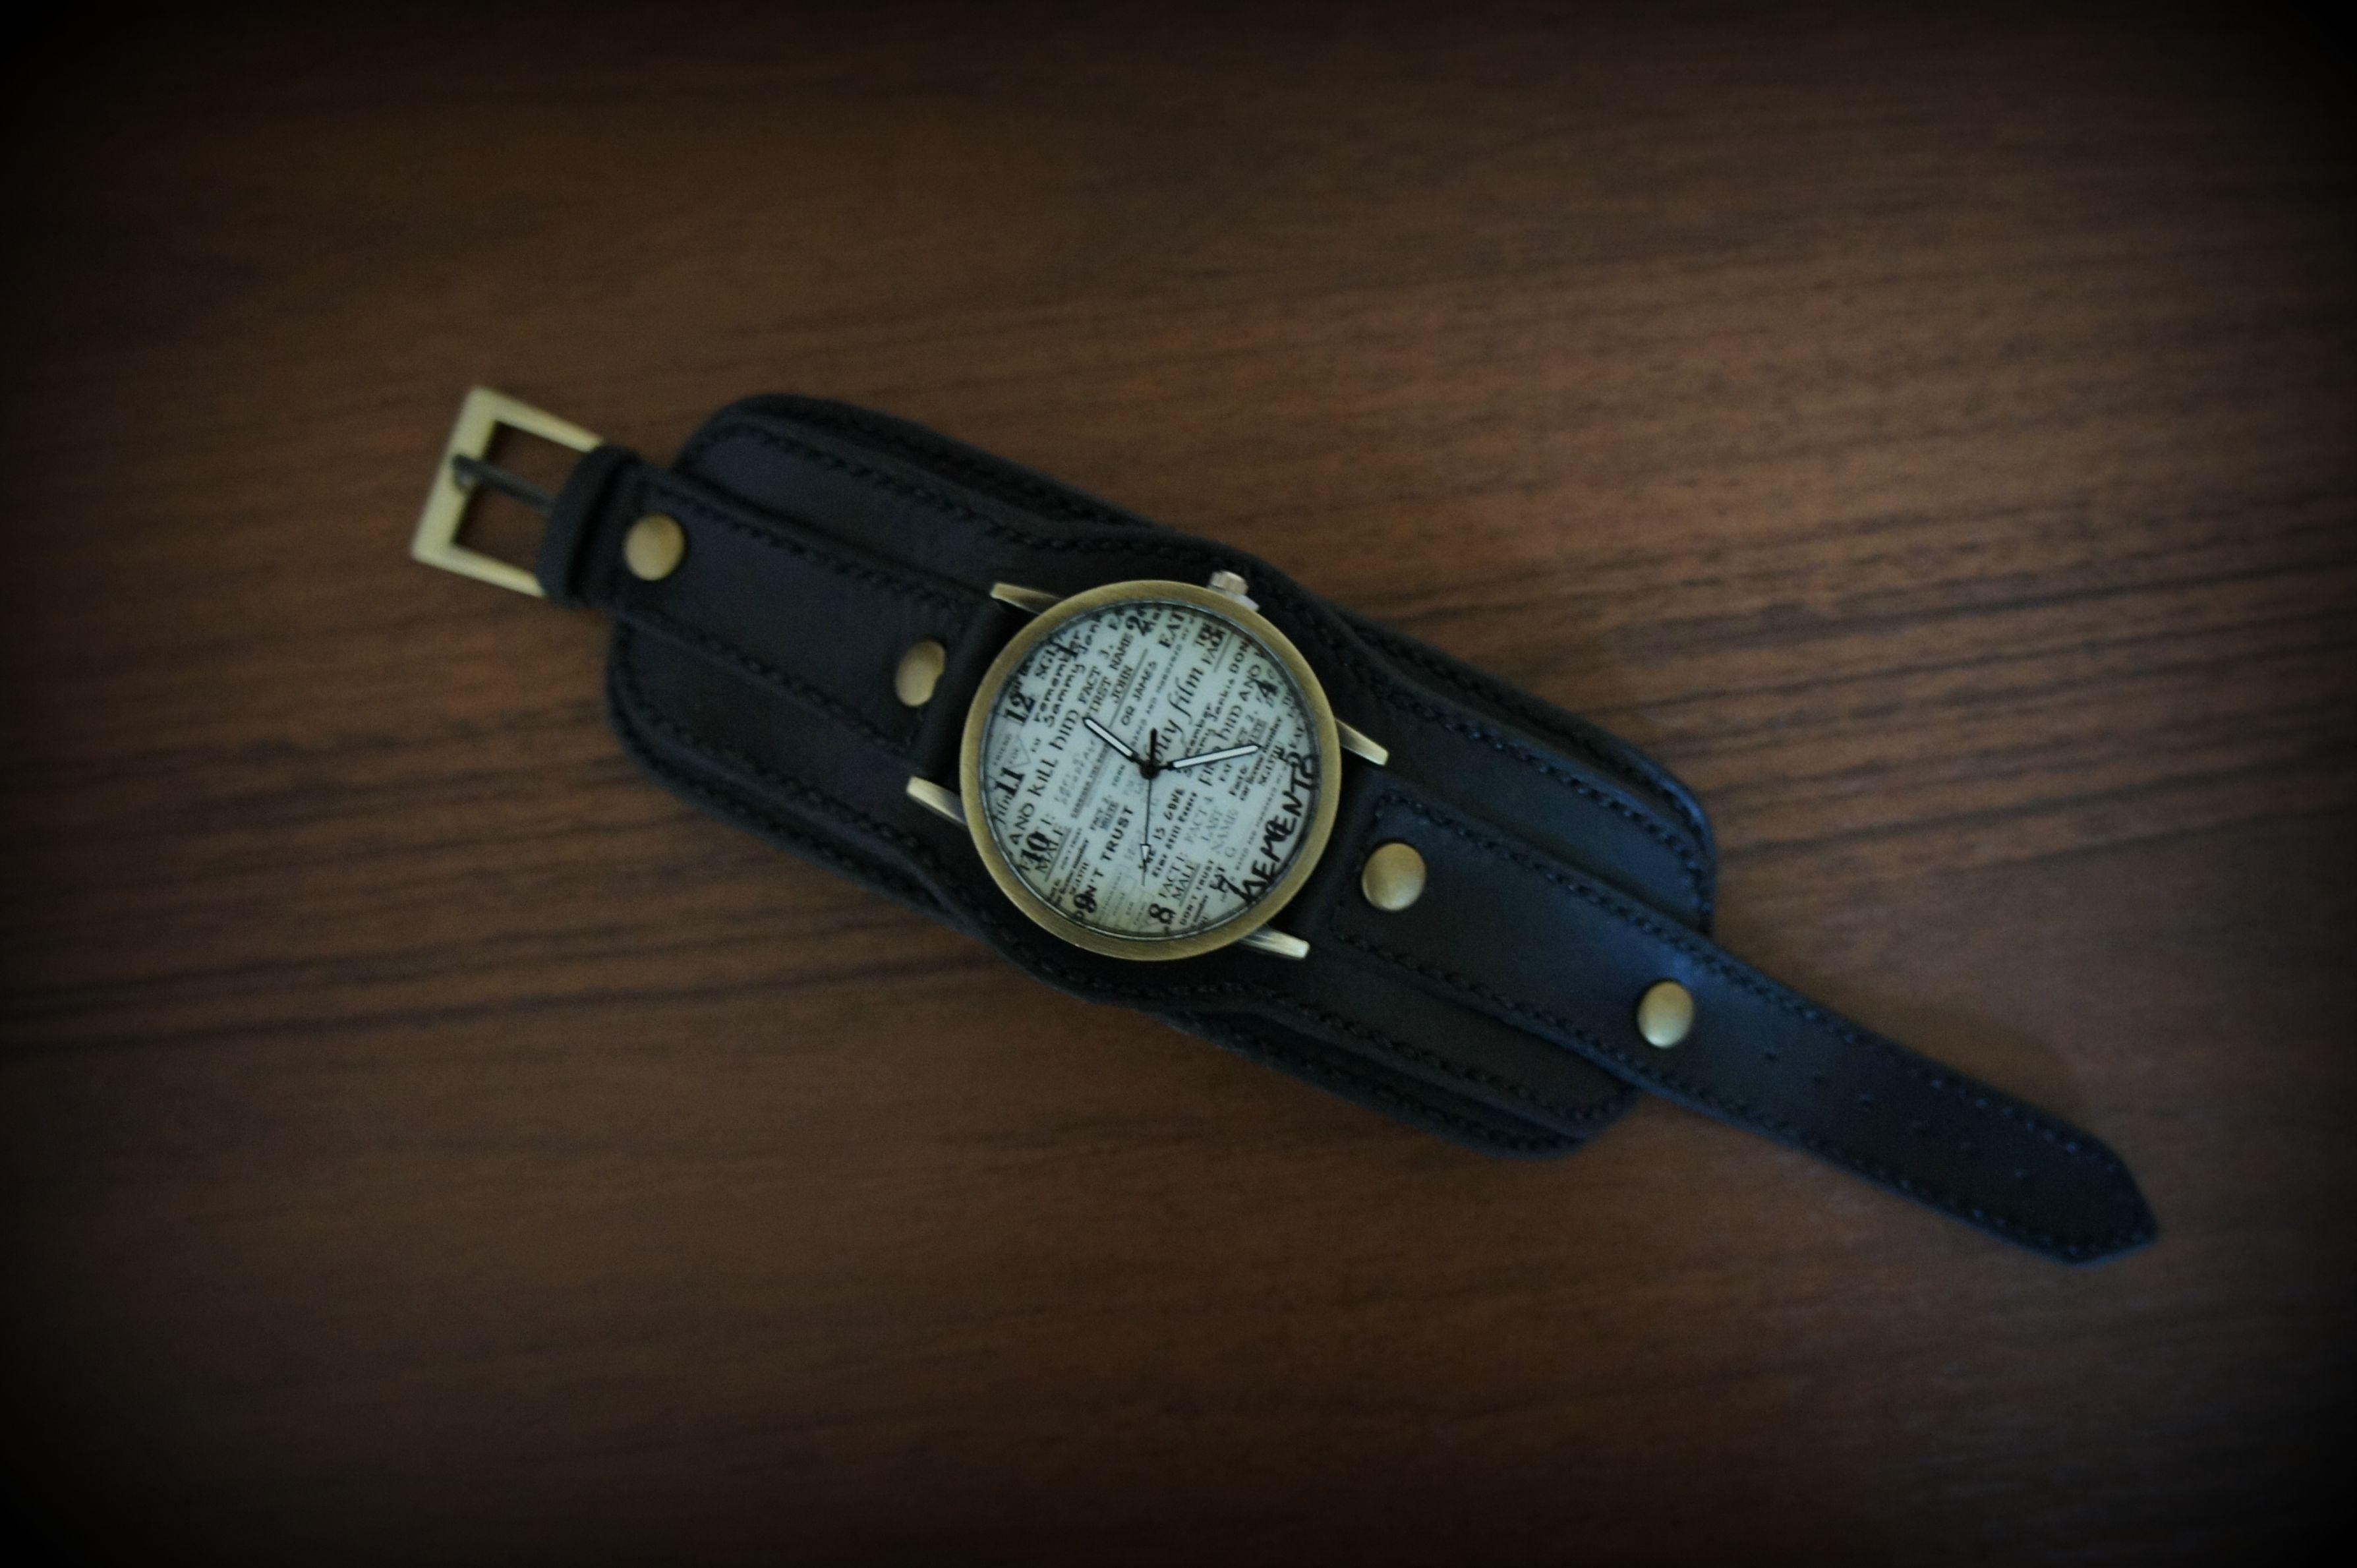 подарок подарокдевушке часынаширокомбраслете часынаширокомремешке браслетизкожи часы натуральнаякожа аксессуарыручнойработы широкийбраслет стильныйаксессуар часынаручныеженские часынатуральнаякожа часыженские купитьчасы